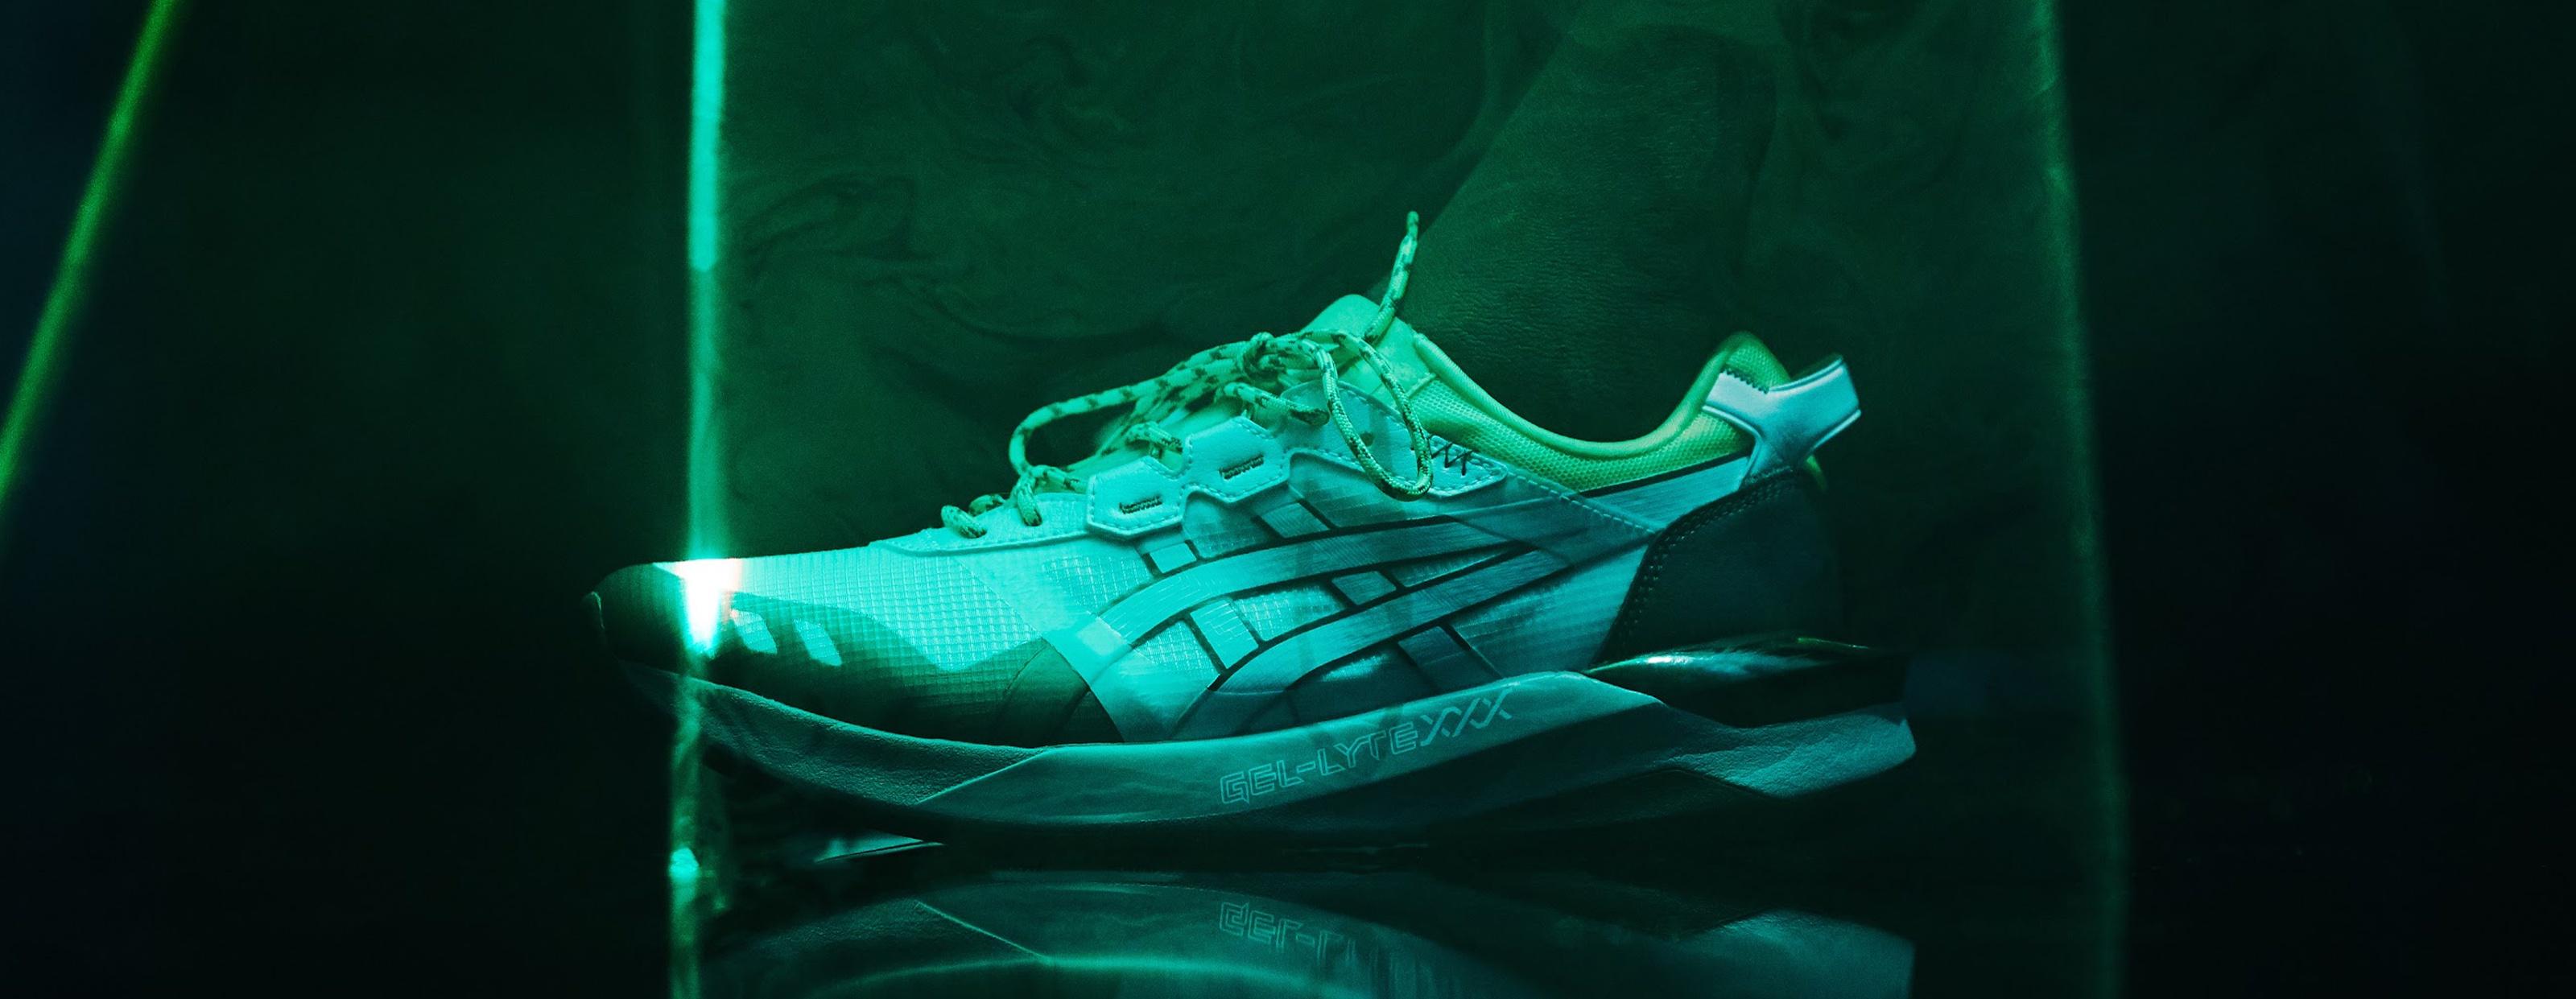 Gel Lyte XXX Shoe with lights shining on it